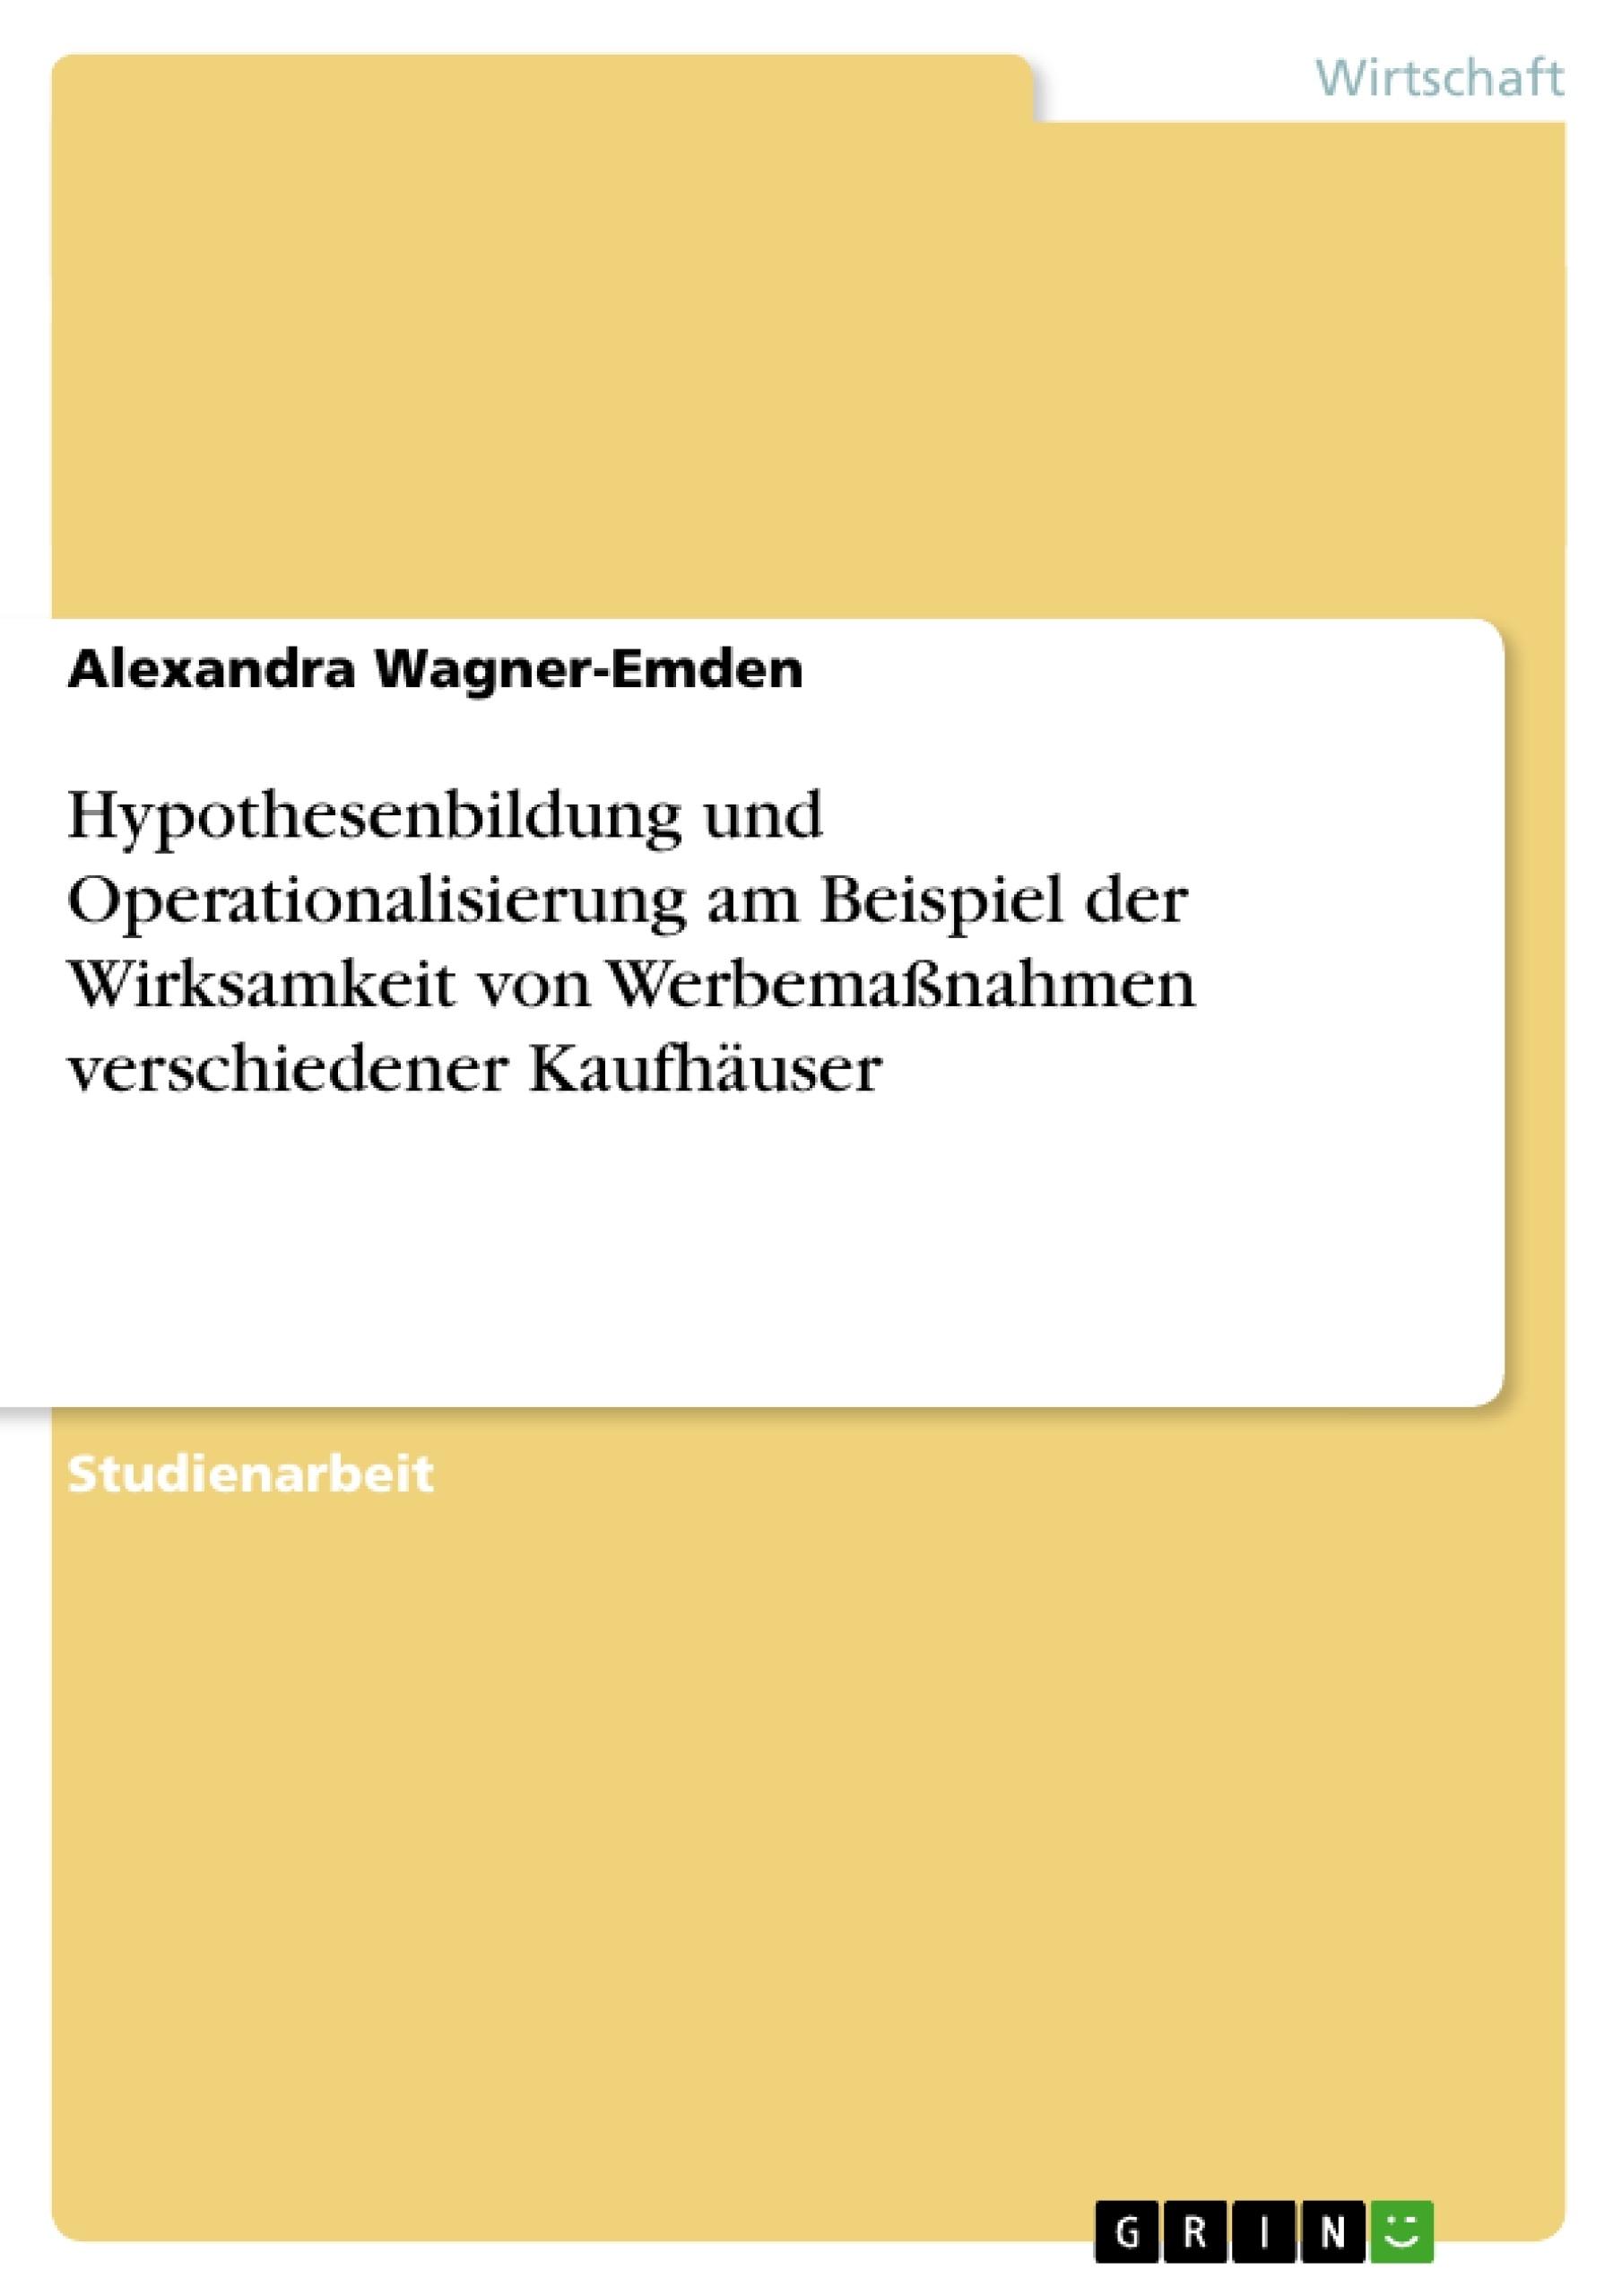 Titel: Hypothesenbildung und Operationalisierung am Beispiel der Wirksamkeit von Werbemaßnahmen verschiedener Kaufhäuser